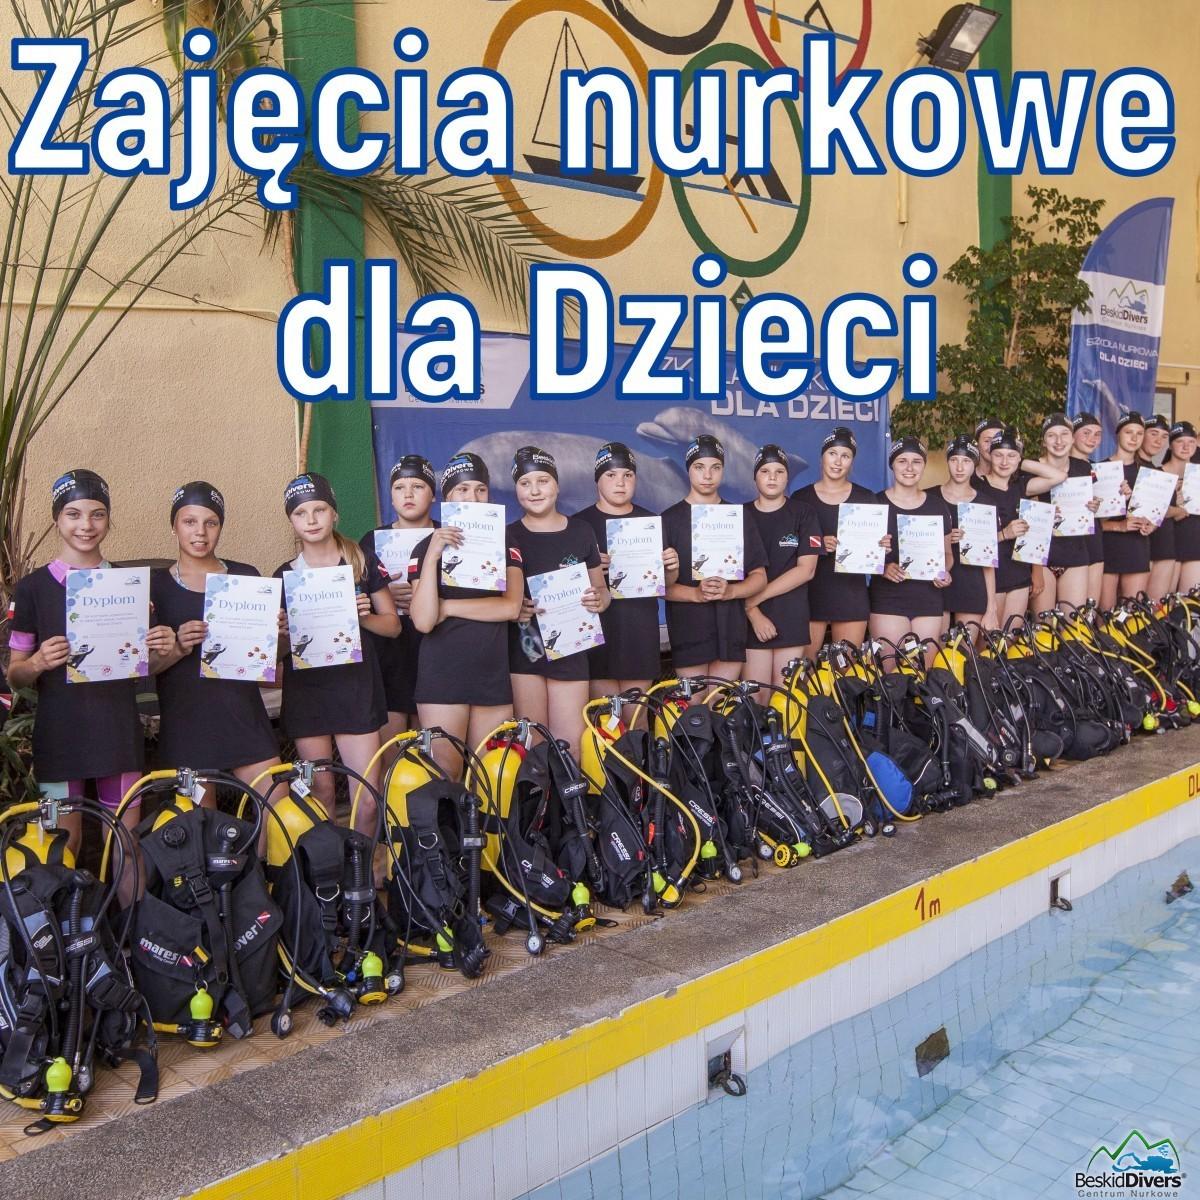 ZAJECIA_NURKOWE_DLA_DZIECI